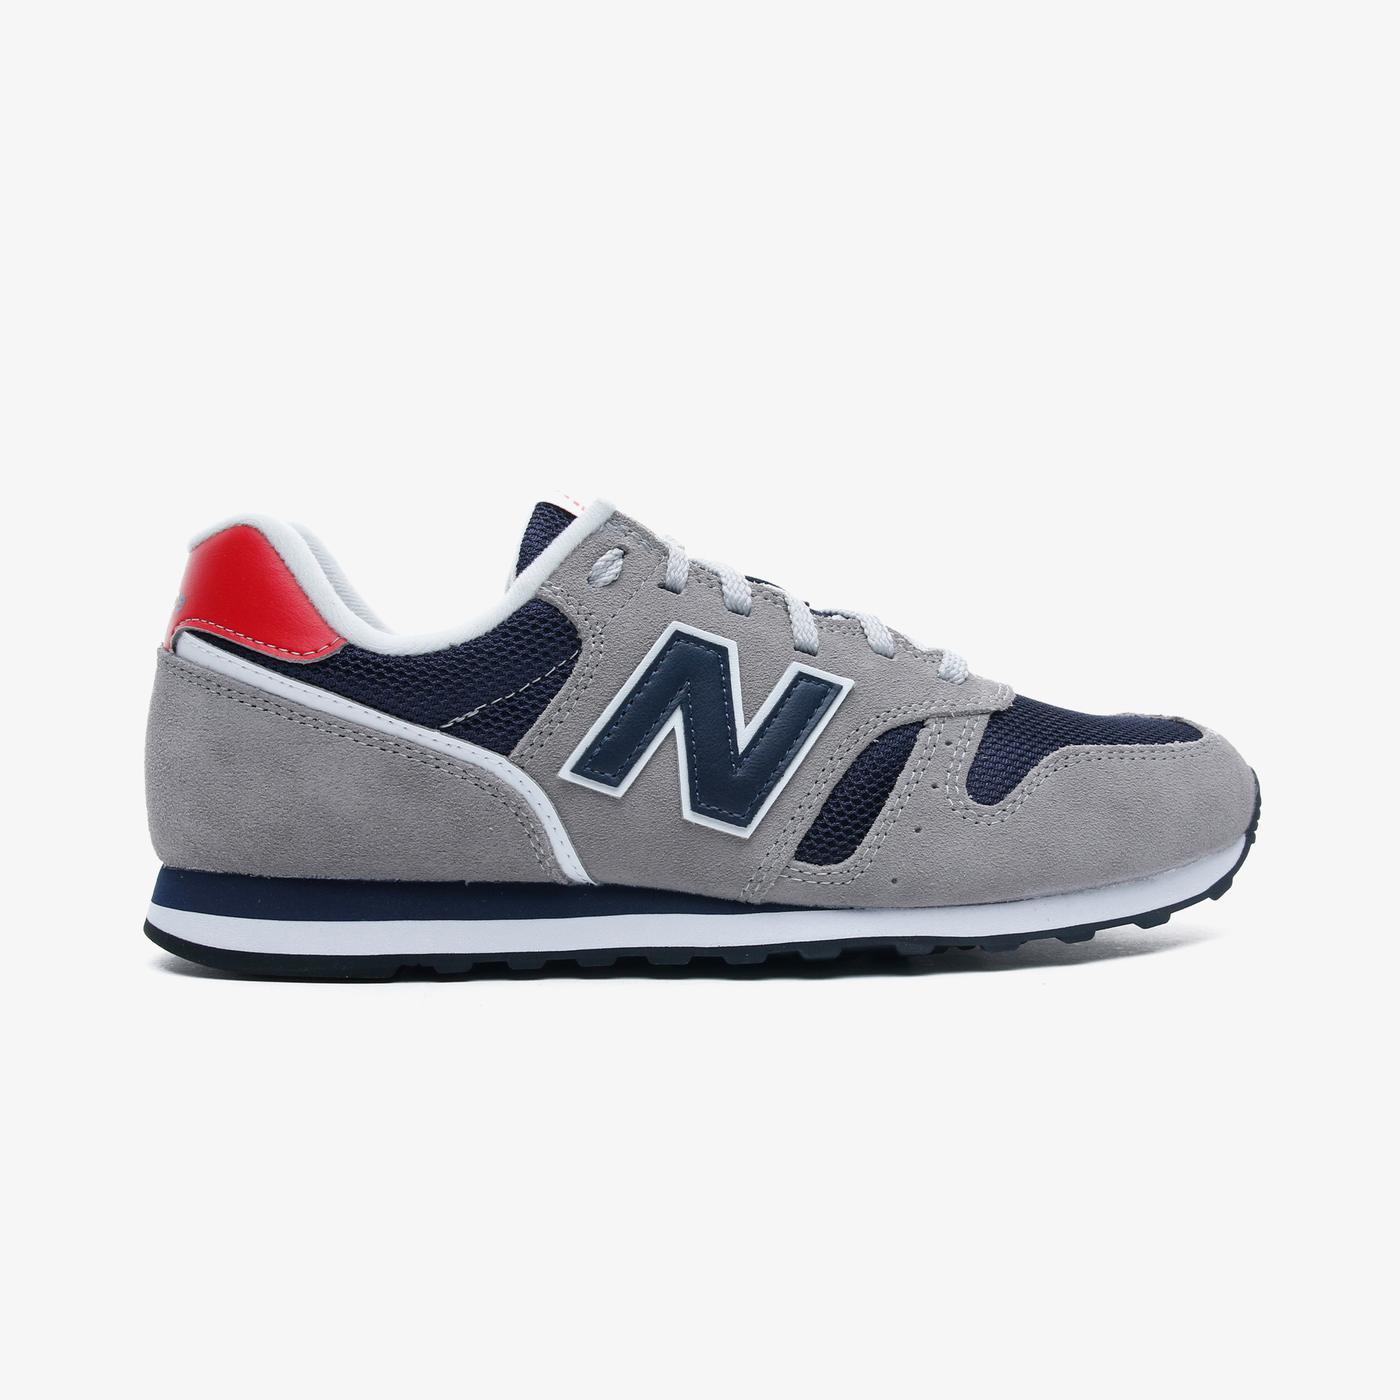 New Balance 373 Erkek Gri Spor Ayakkabı